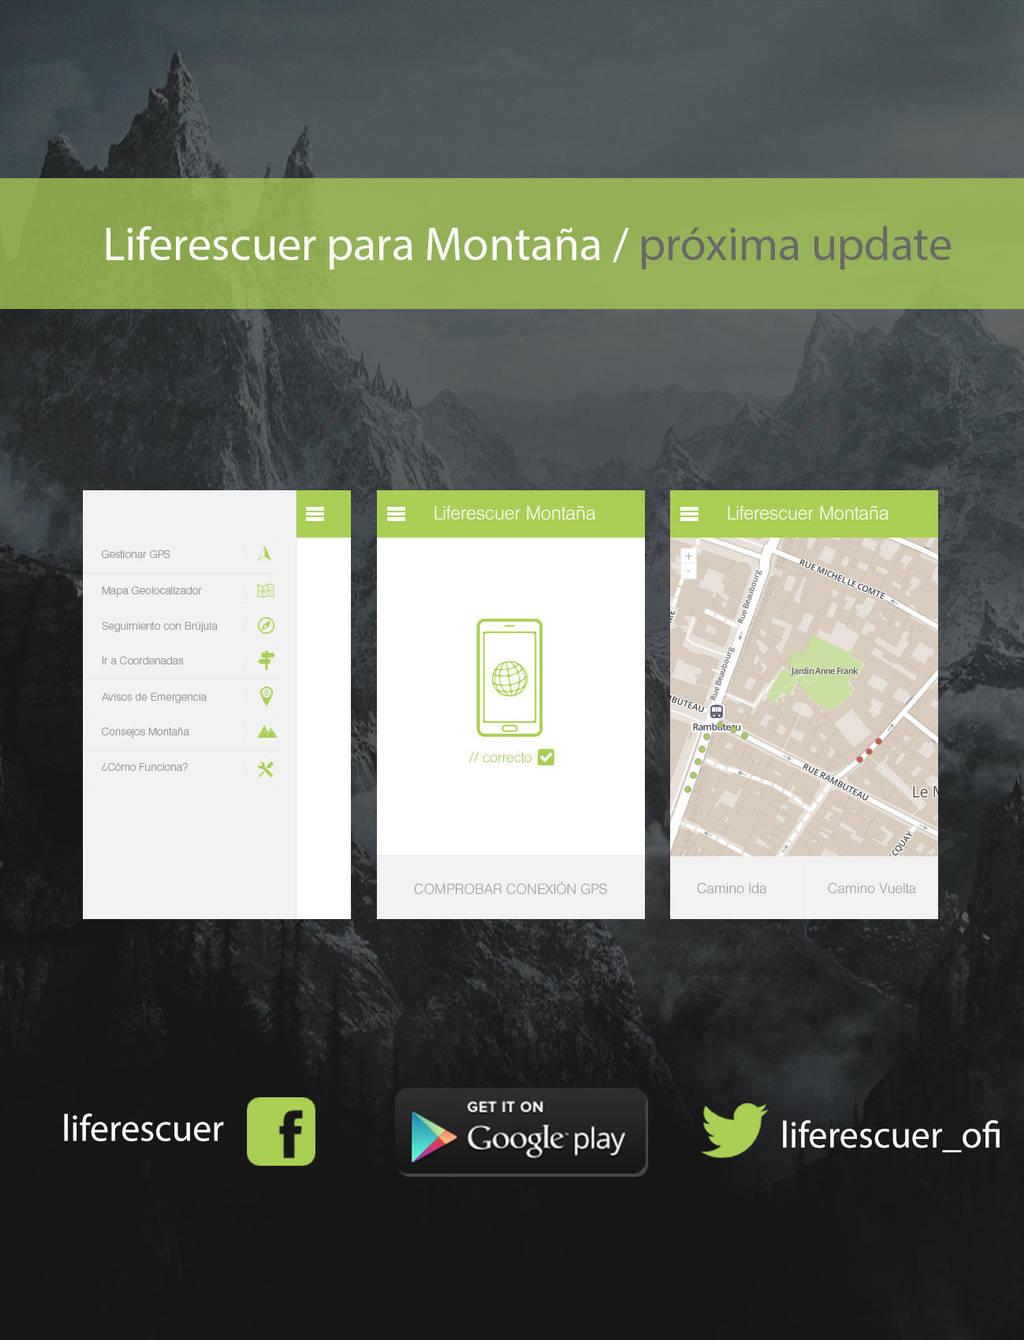 LifeRescuer para la Montana - Futura UPDATE by en3sis